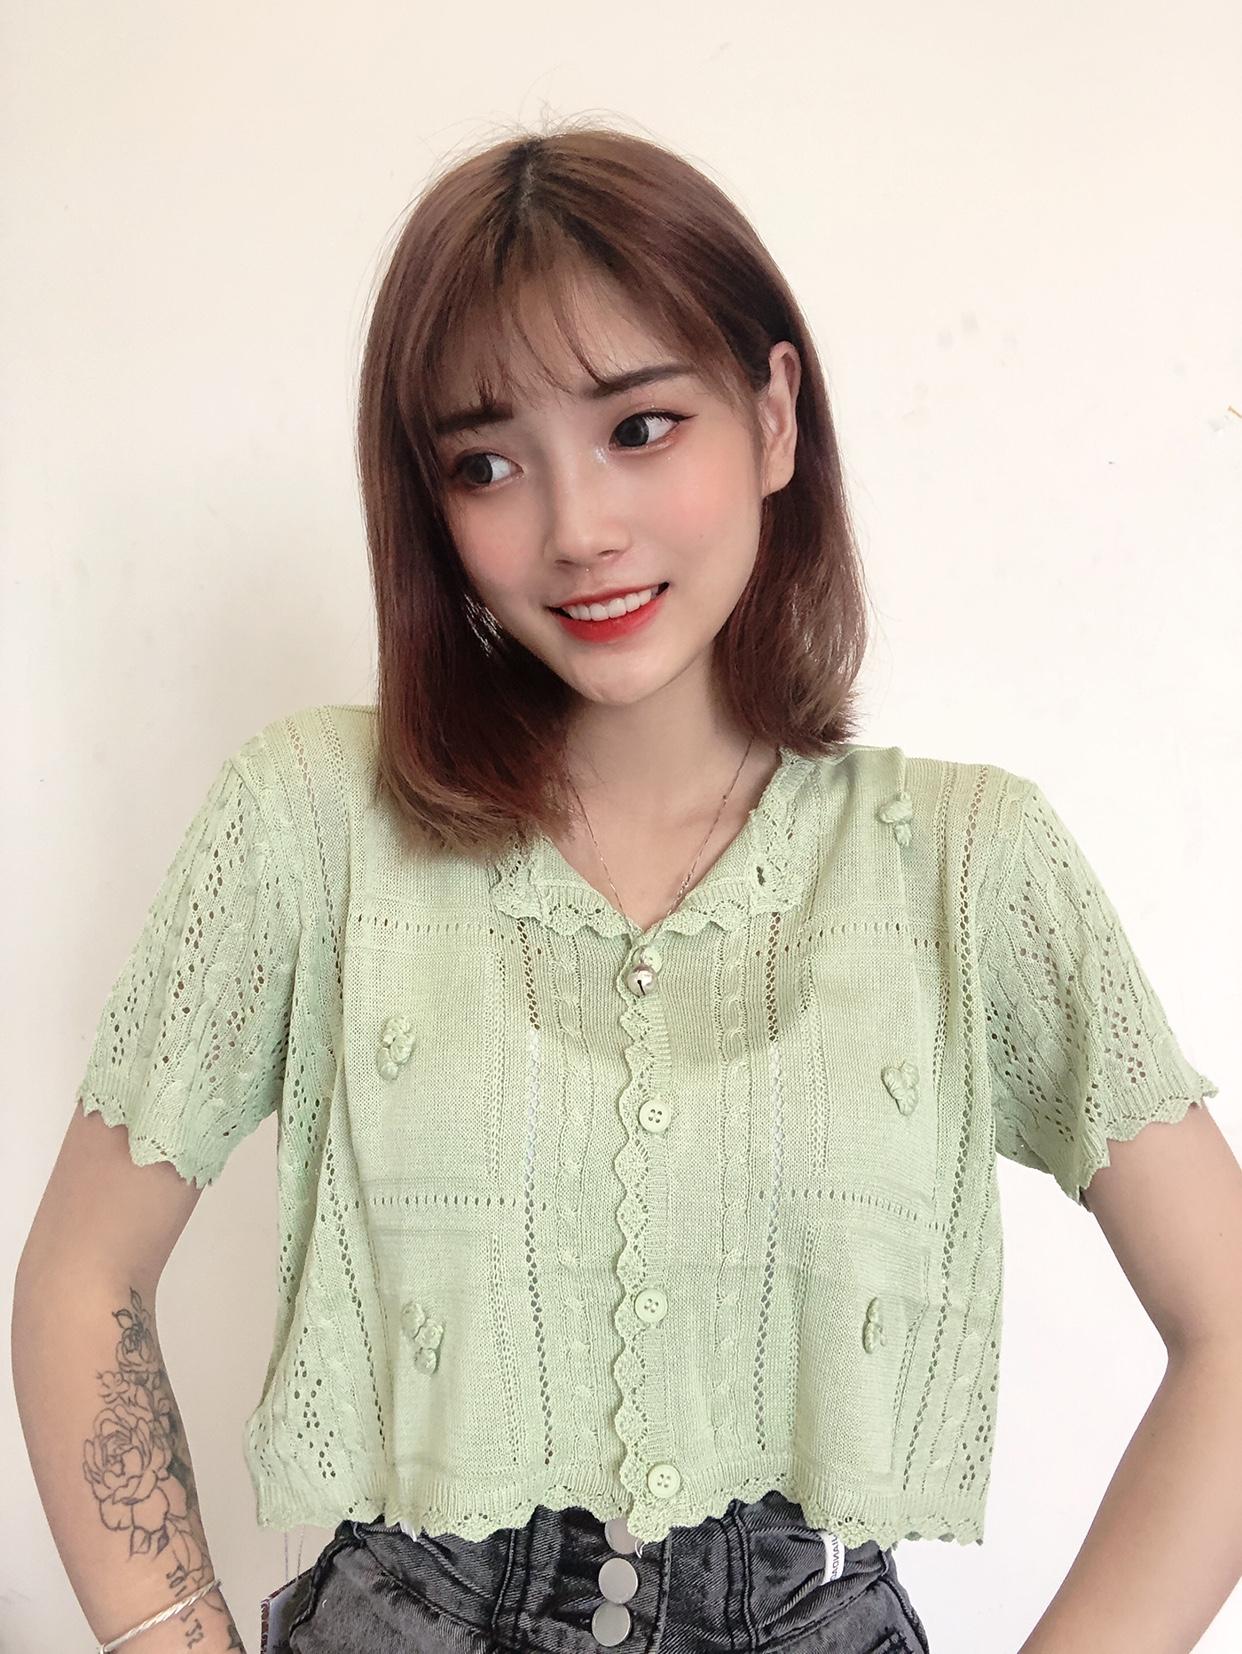 2021年夏の新型韓国版の婦人服ファッション半袖のカーディガンはボタンを開けて上着の通気性リンネルの生地にすることができます。